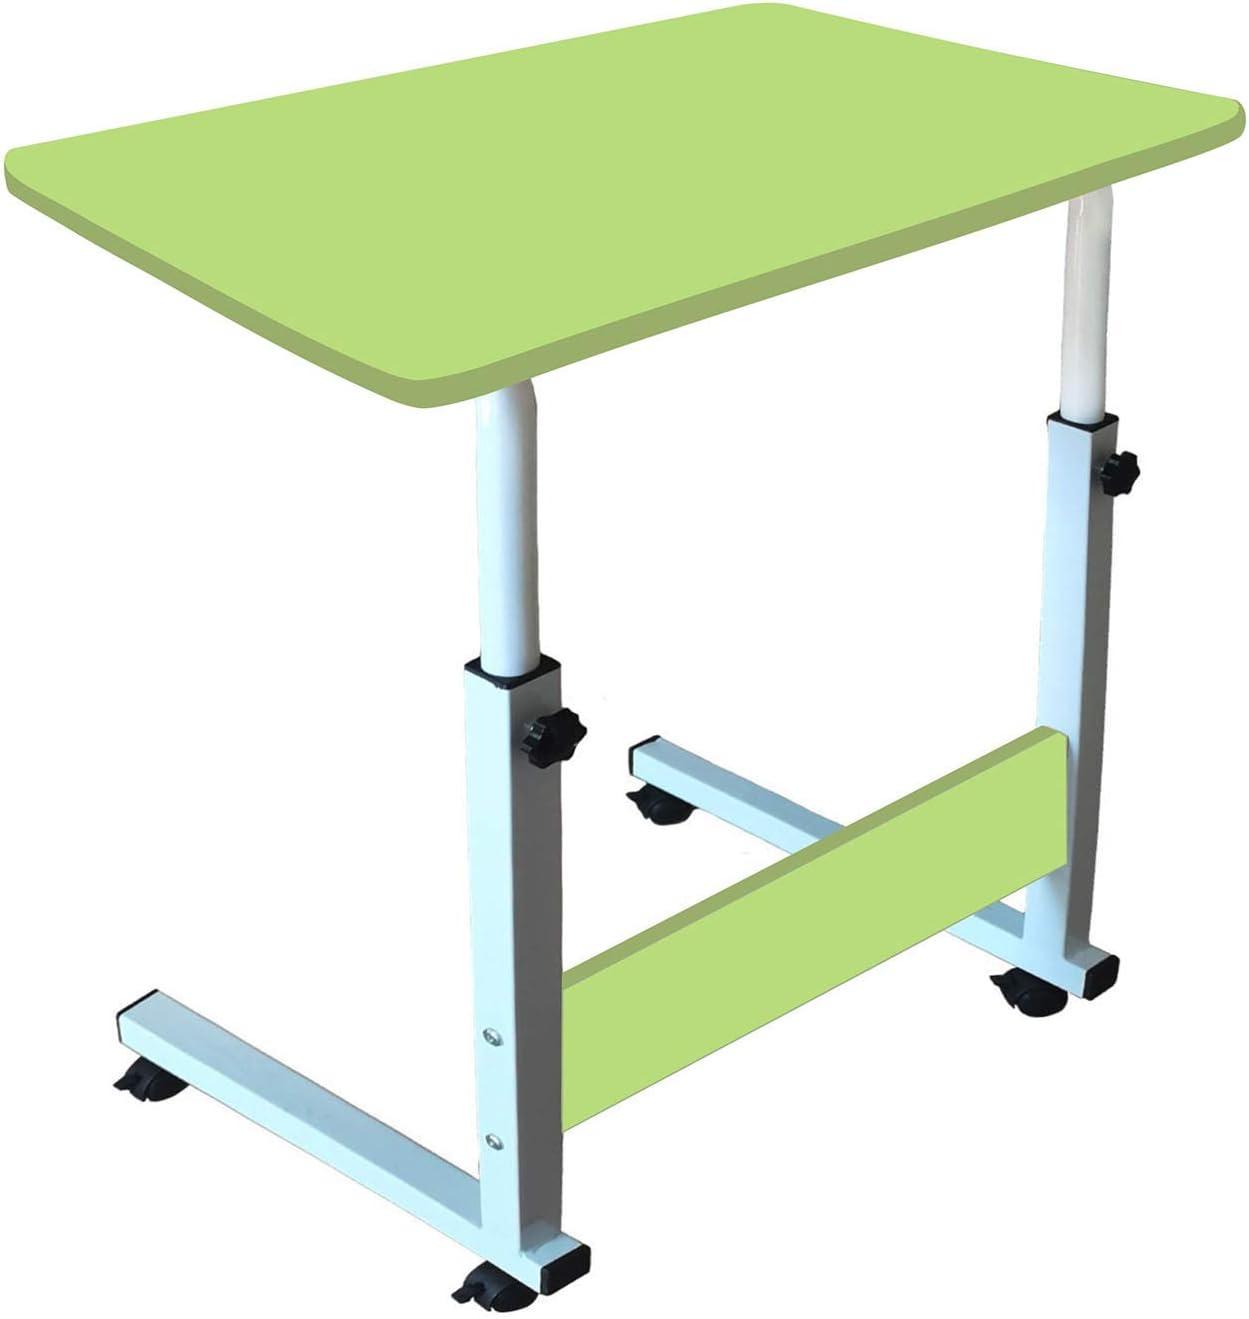 Laptop Desk, Home Office Desk, Student Desk, Adjustable Laptop Desk, Sofa Table, Mobile Bedside Table, Living Room Bedroom Table, Bed-Ridden Elderly Dining Table(Green)